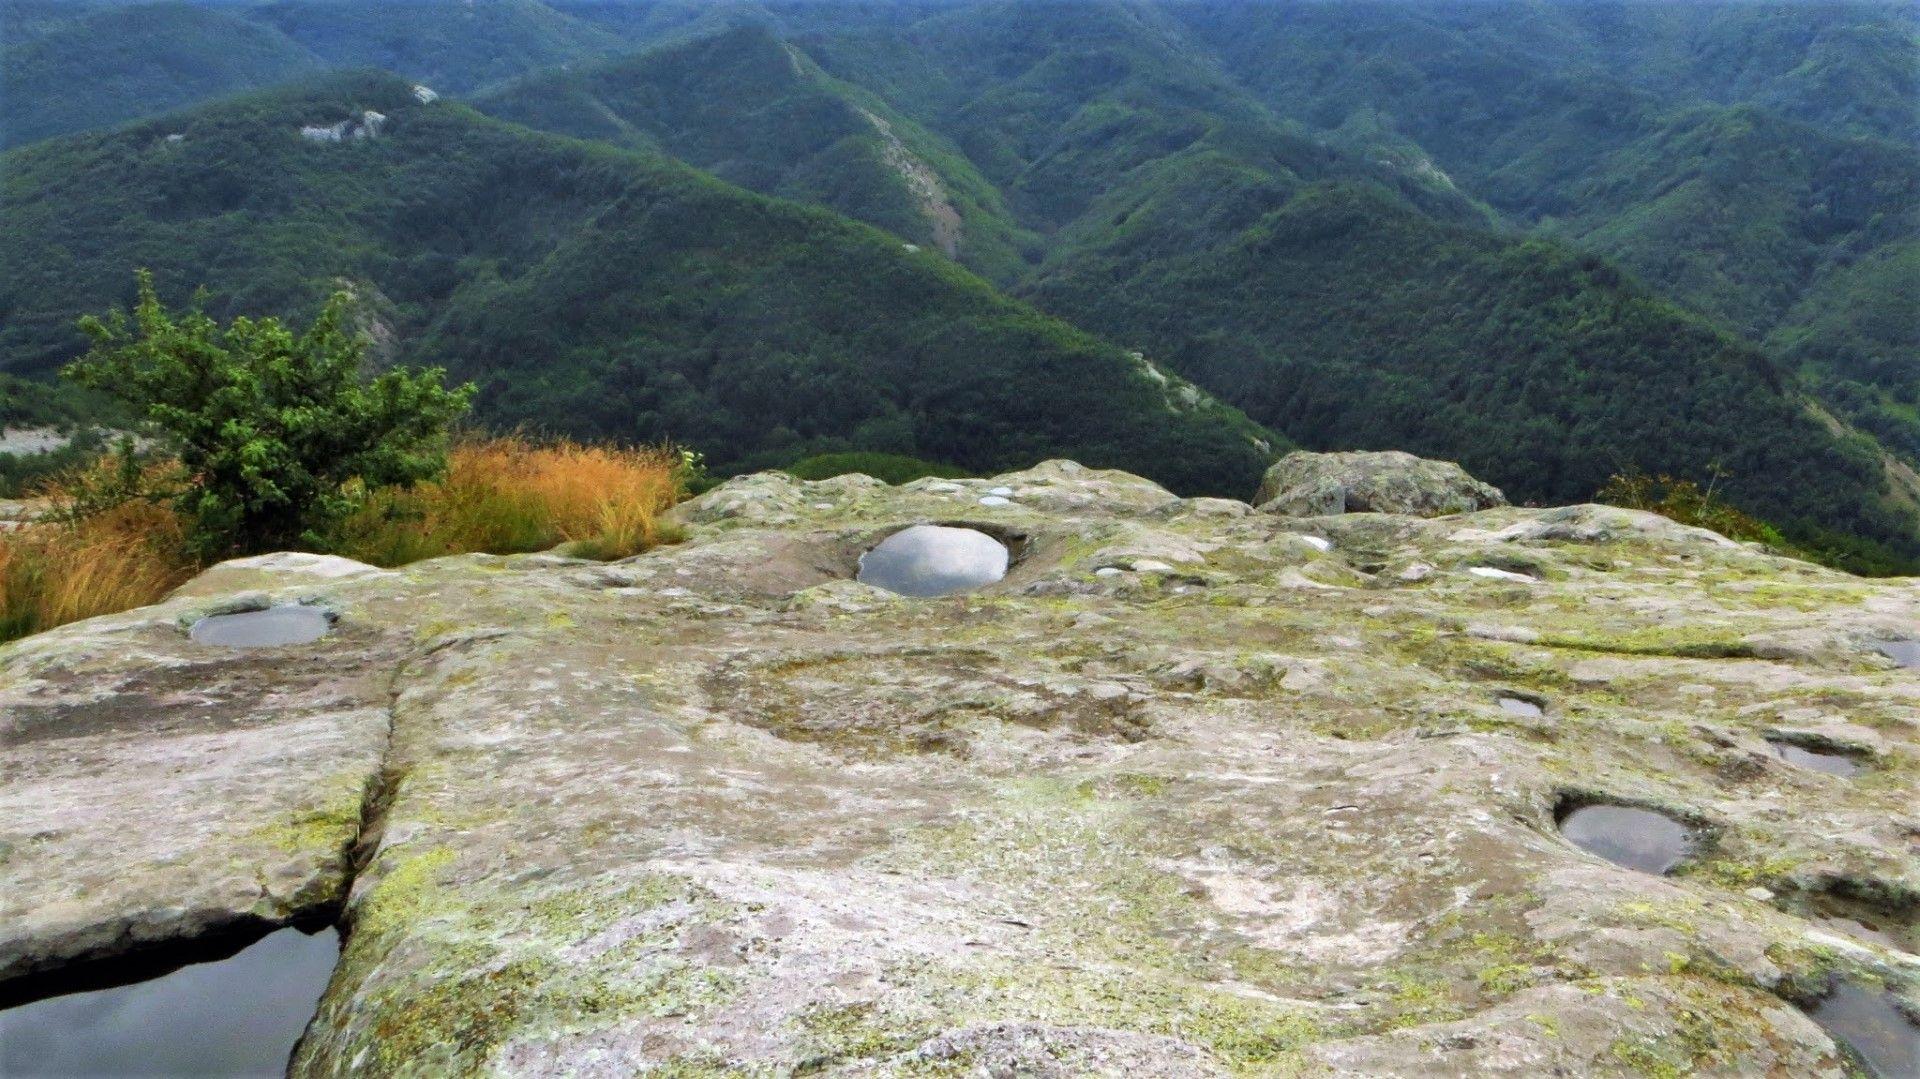 След дъжд ясно се виждат изсечените в скалата ямки, а кладенците са винаги пълни с вода